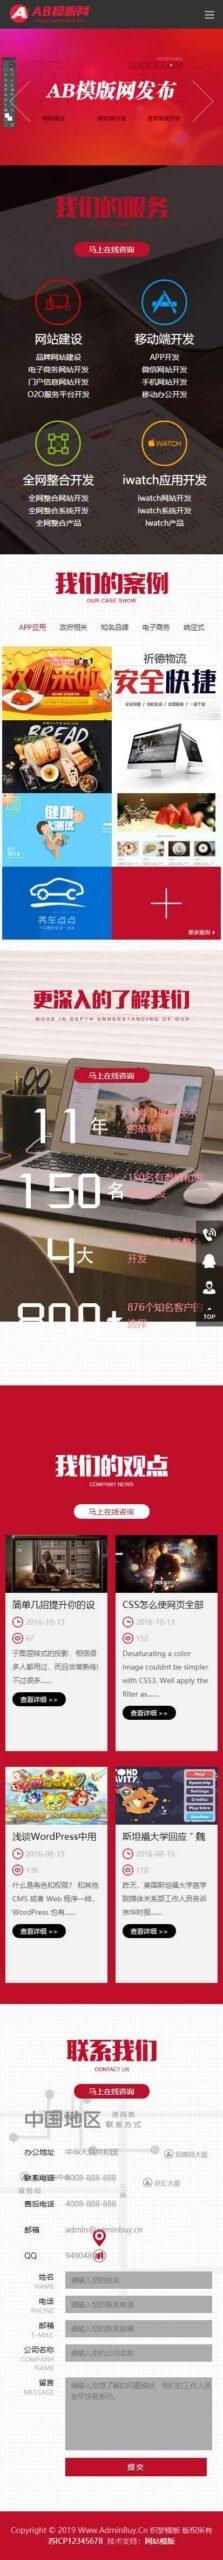 鹤云资源博客-IT网络工作室网站织梦dede模板源码[自适应手机版]插图1